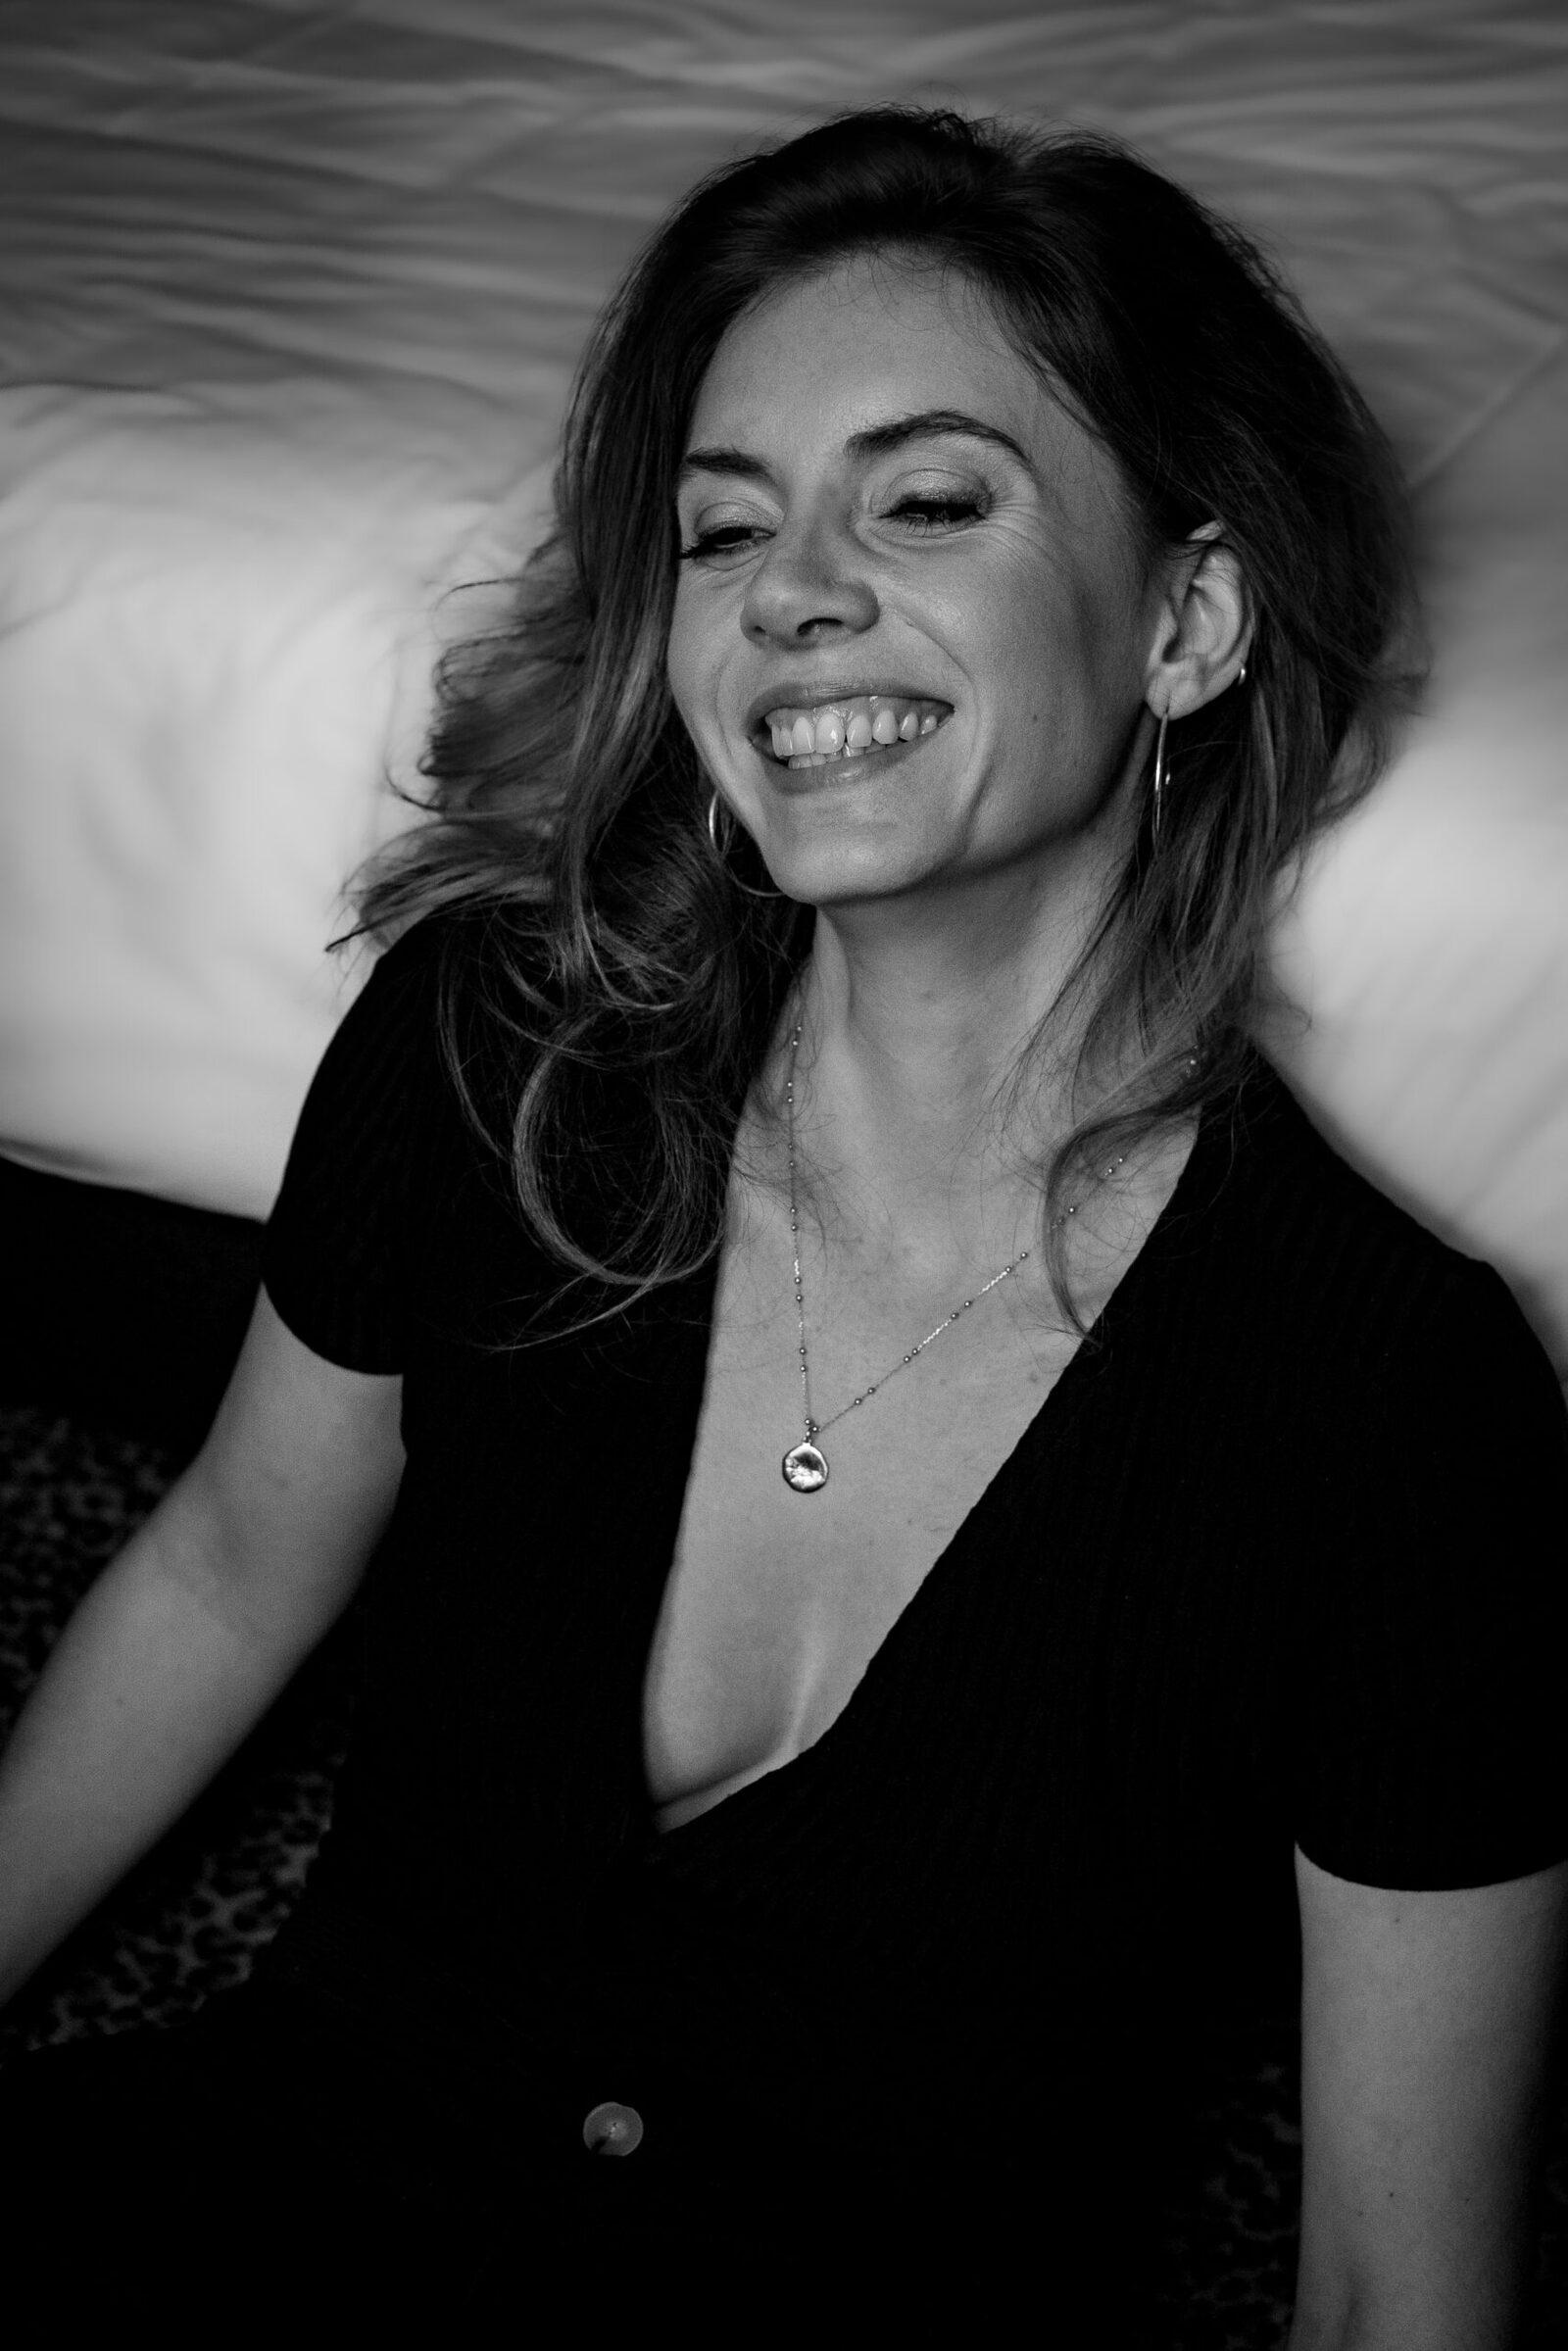 photographe femmes - portrait femme boudoir - séance photo intime - anne bied - photographe séance boudoir